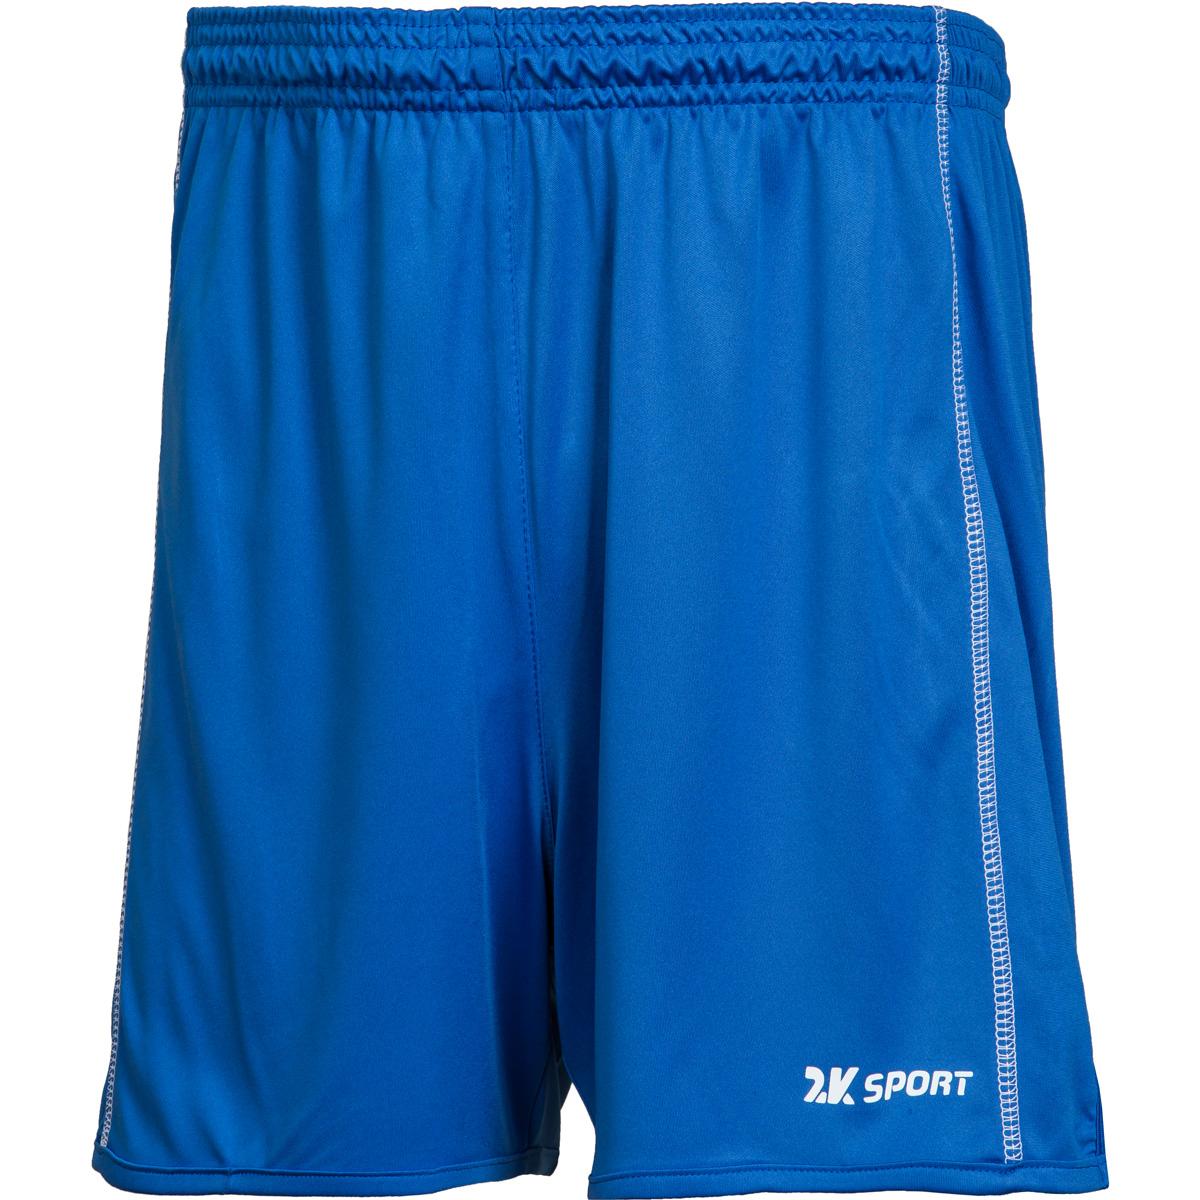 Шорты волейбольные мужские 2K Sport Energy, цвет: синий. 140041. Размер XXS (42)140041_royalВолейбольные шорты с контрастными полосами по бокам. Изготовлены из ткани повышенной прочности, дополнены эластичным поясом со шнурками.